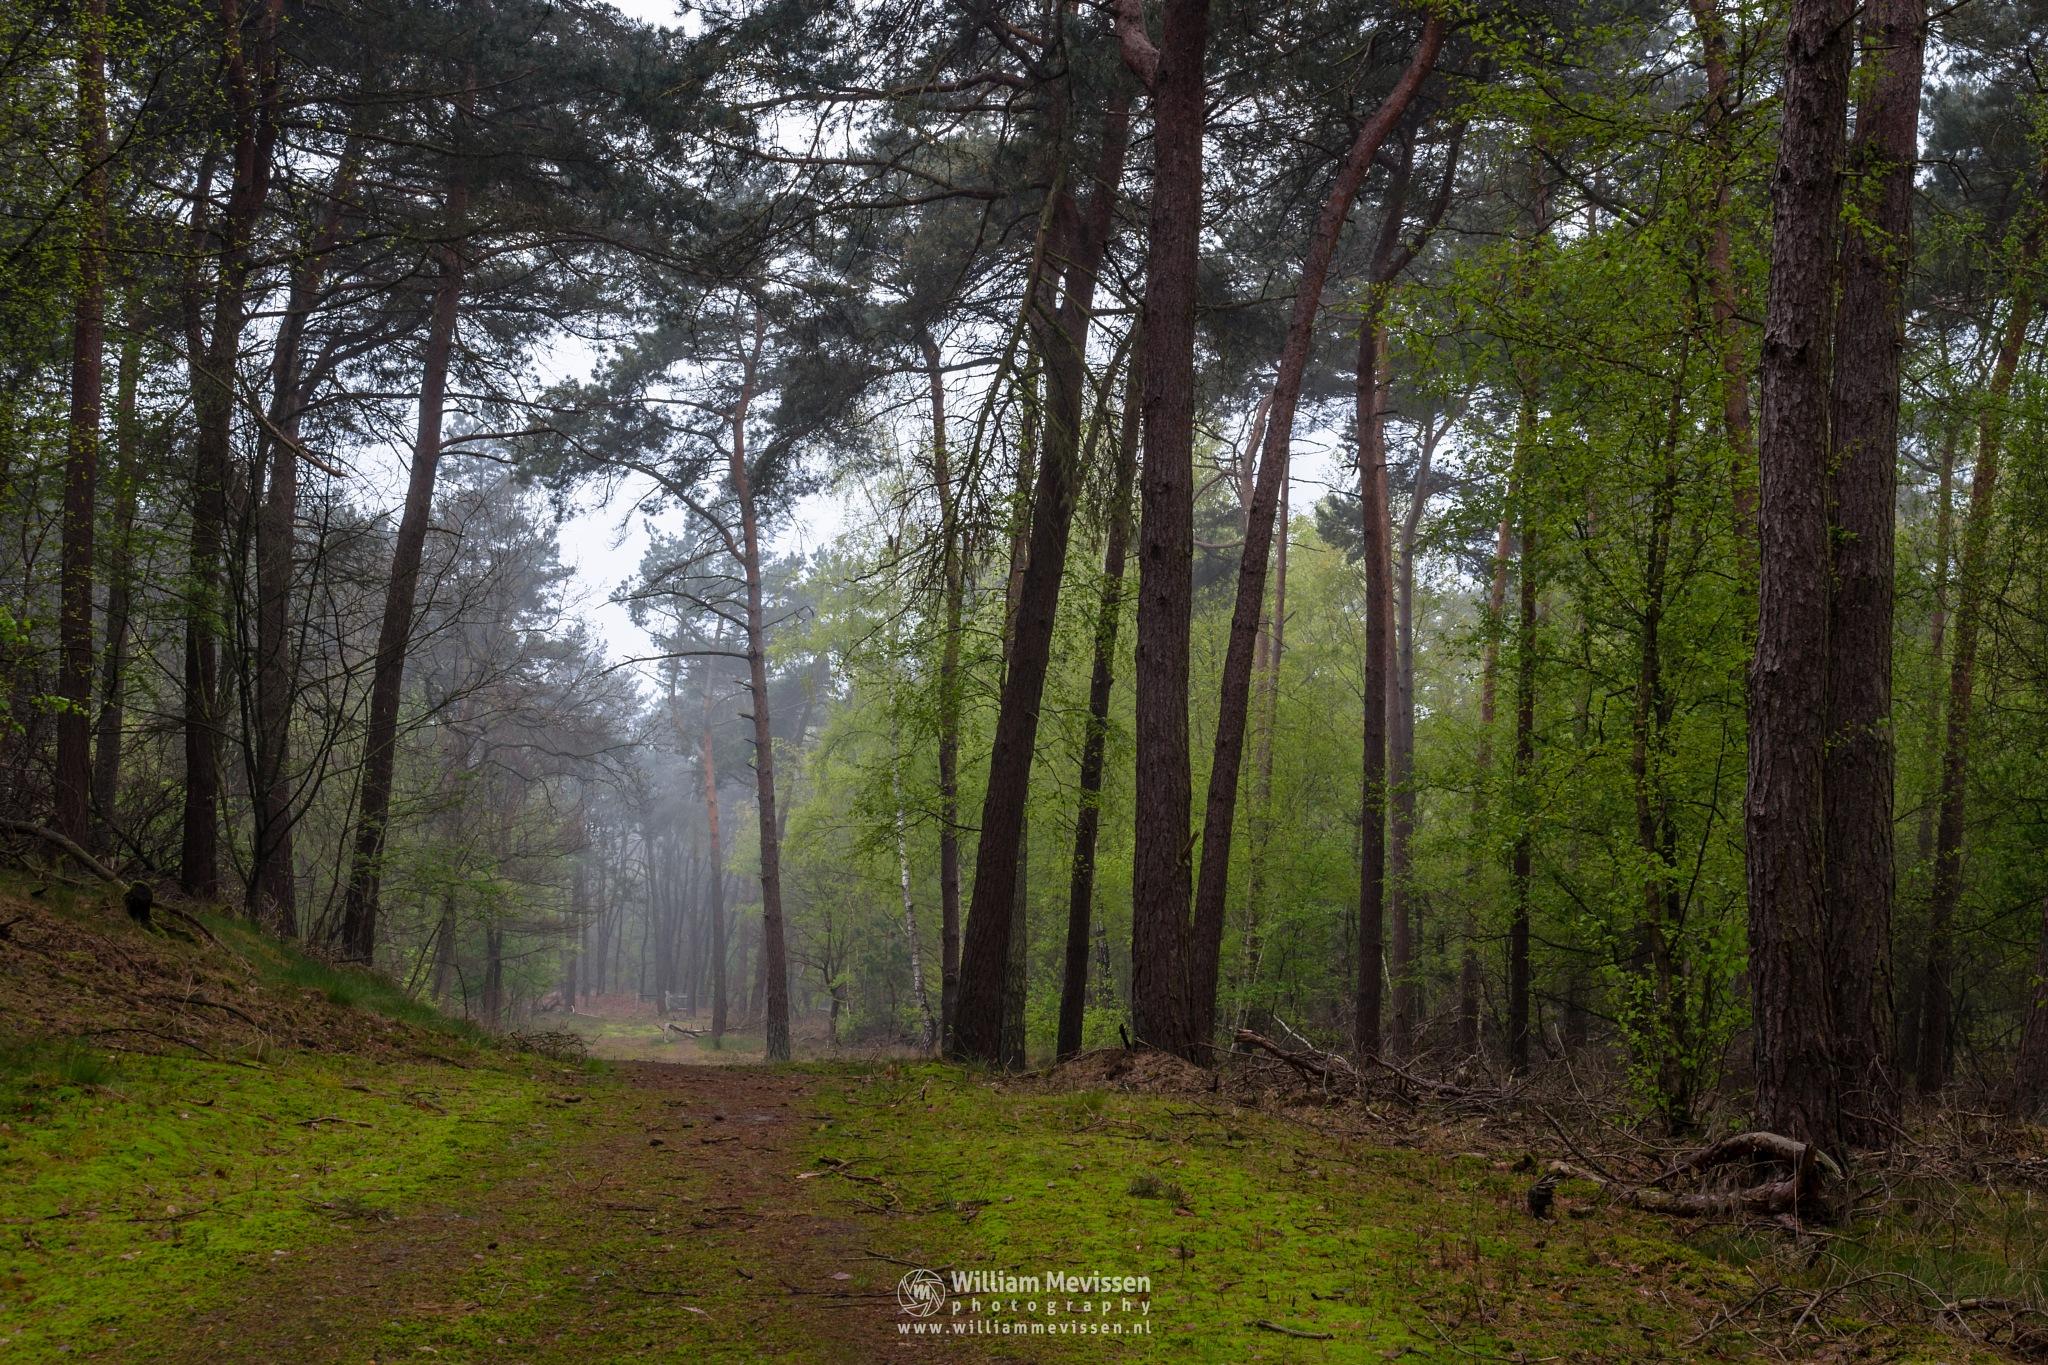 Fresh Green Forest by William Mevissen